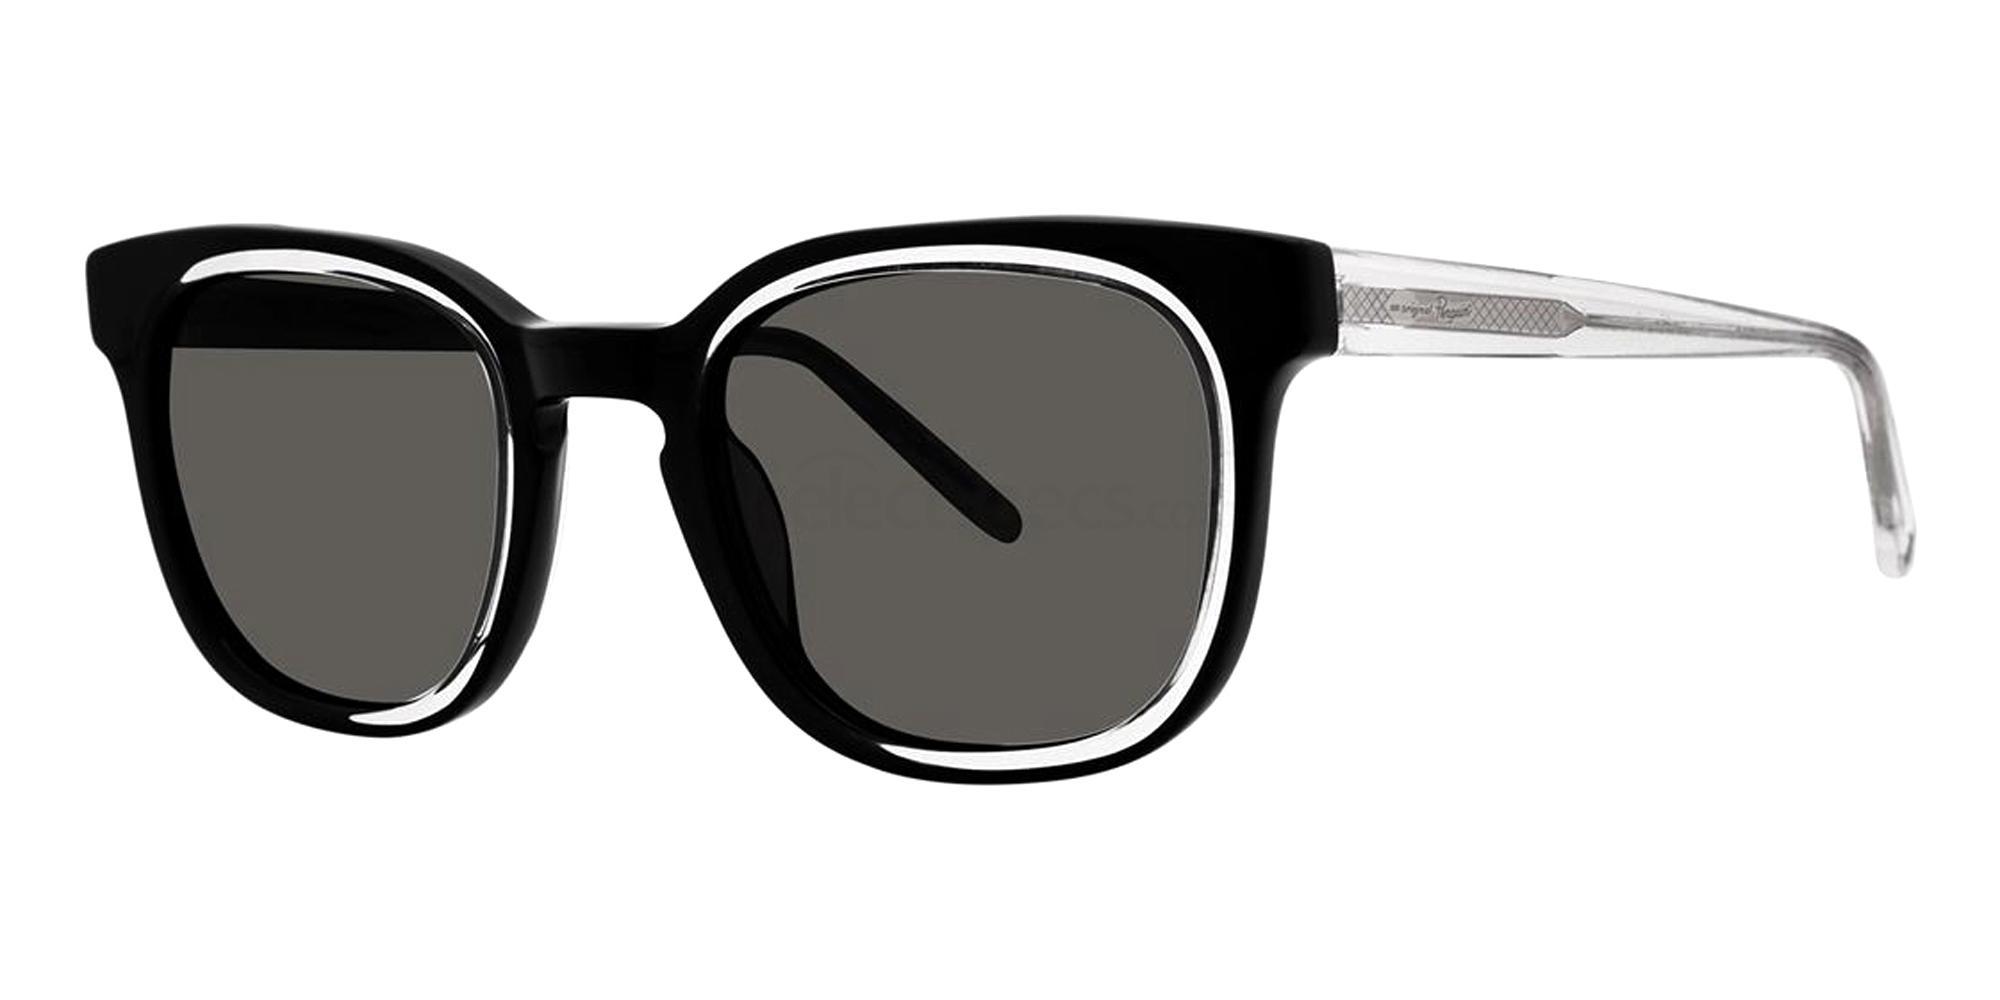 Black THE SUSPENDER Sunglasses, Original Penguin